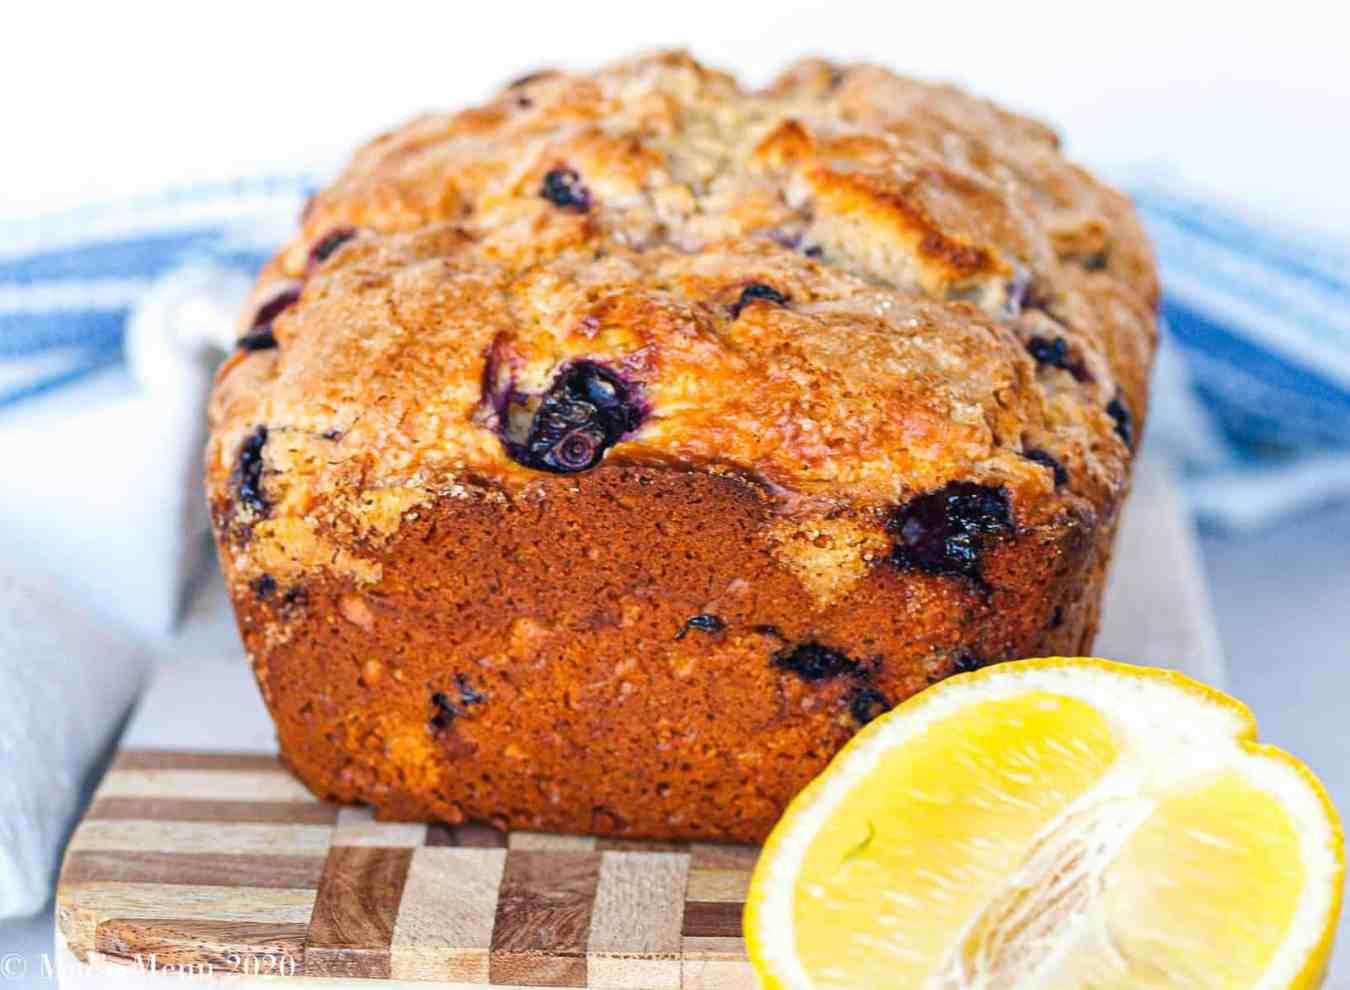 A side shot of a loaf of lemon blueberry bread.